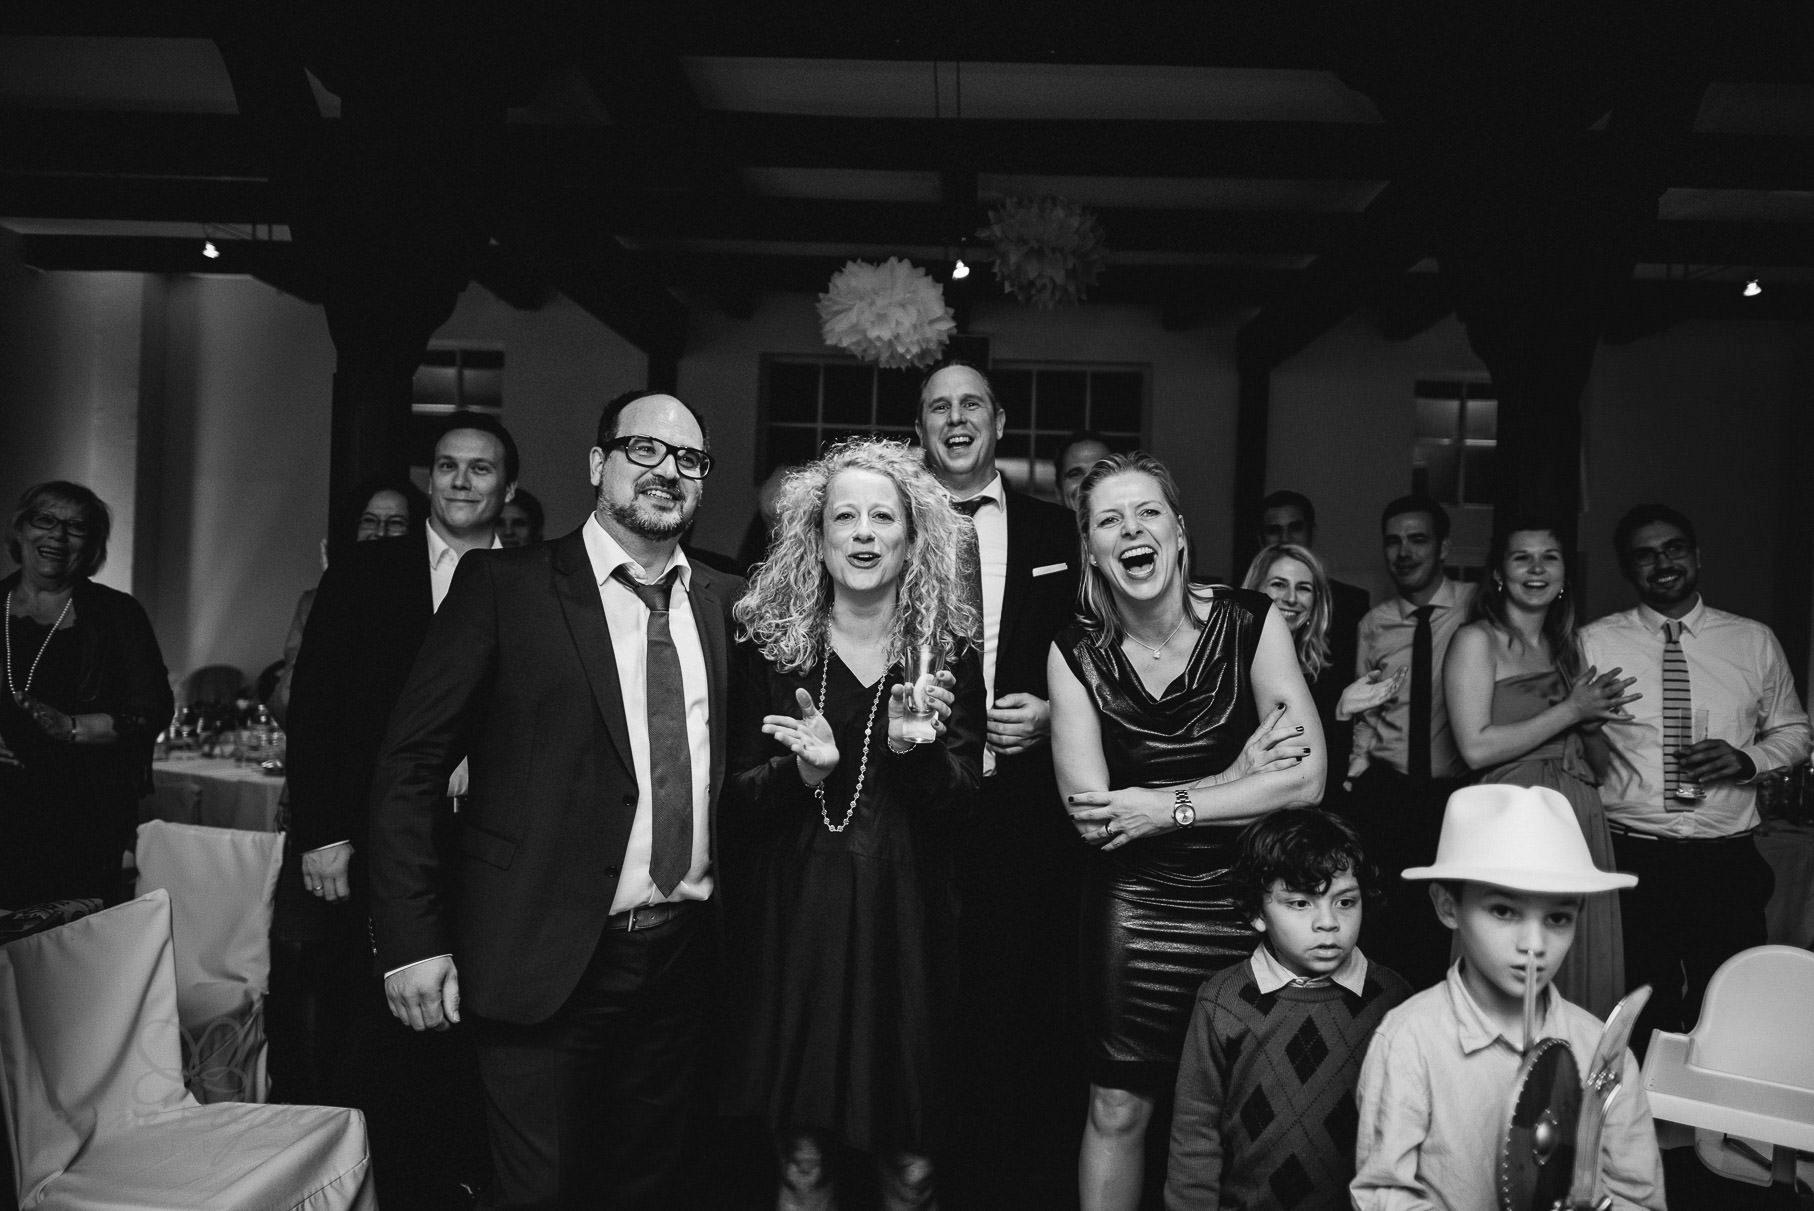 0130 aub 812 0724 - Hochzeit auf Gut Thansen - Anja & Björn